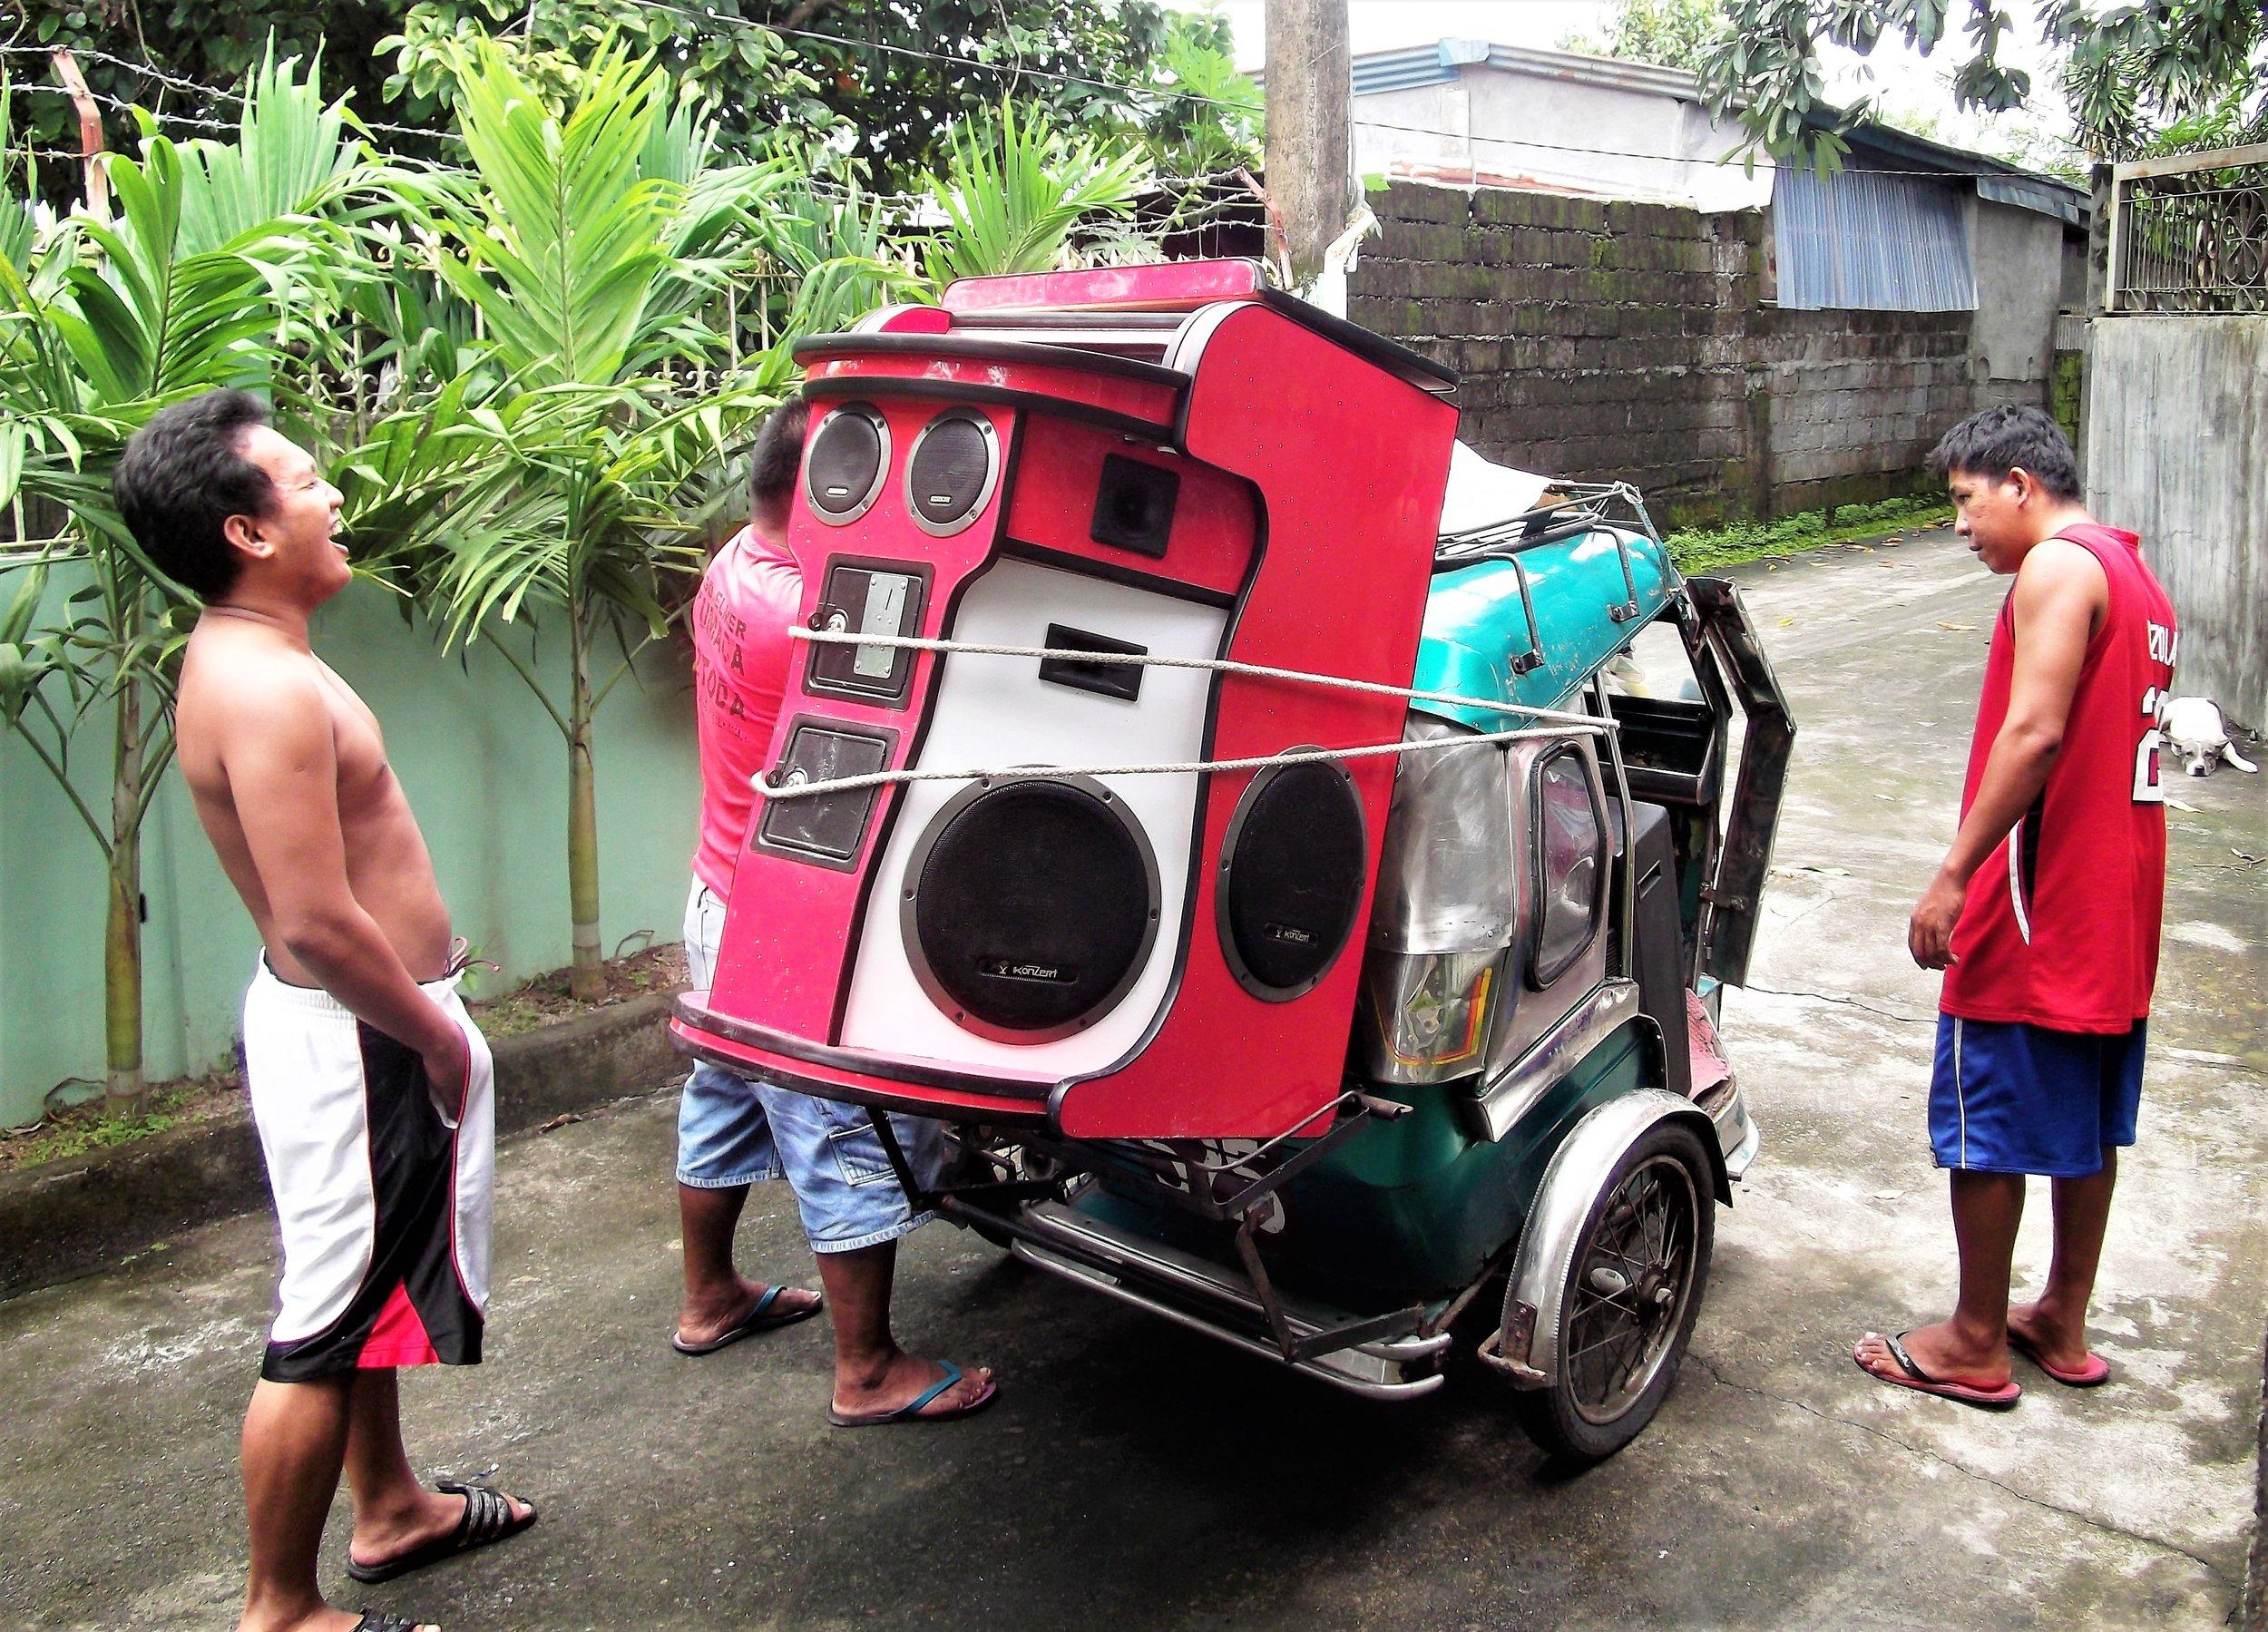 A karaoke machine on a trike.